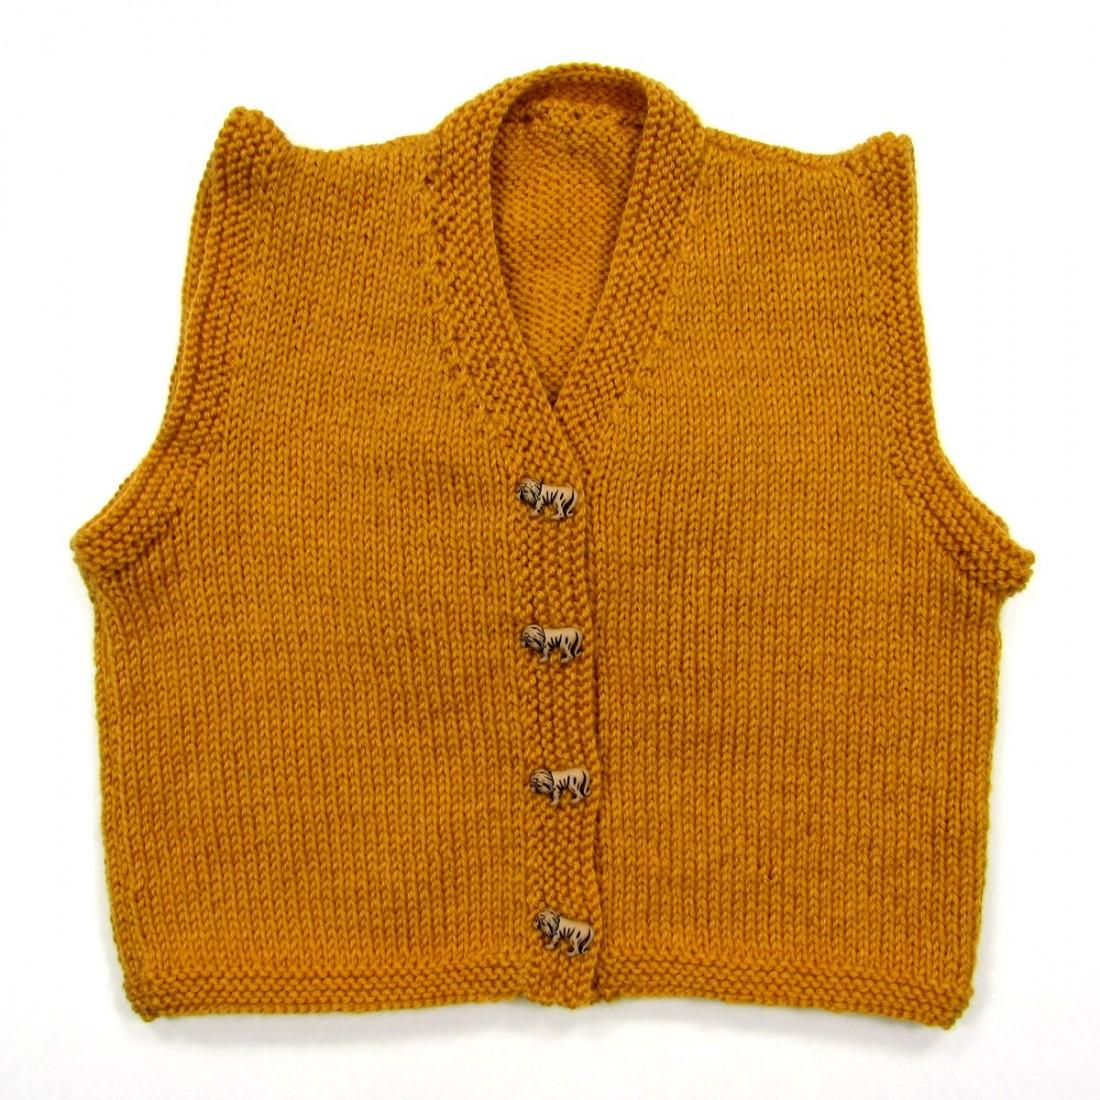 Gilet sans manches jaune curry en tricot pour bébé garçon 2 ans